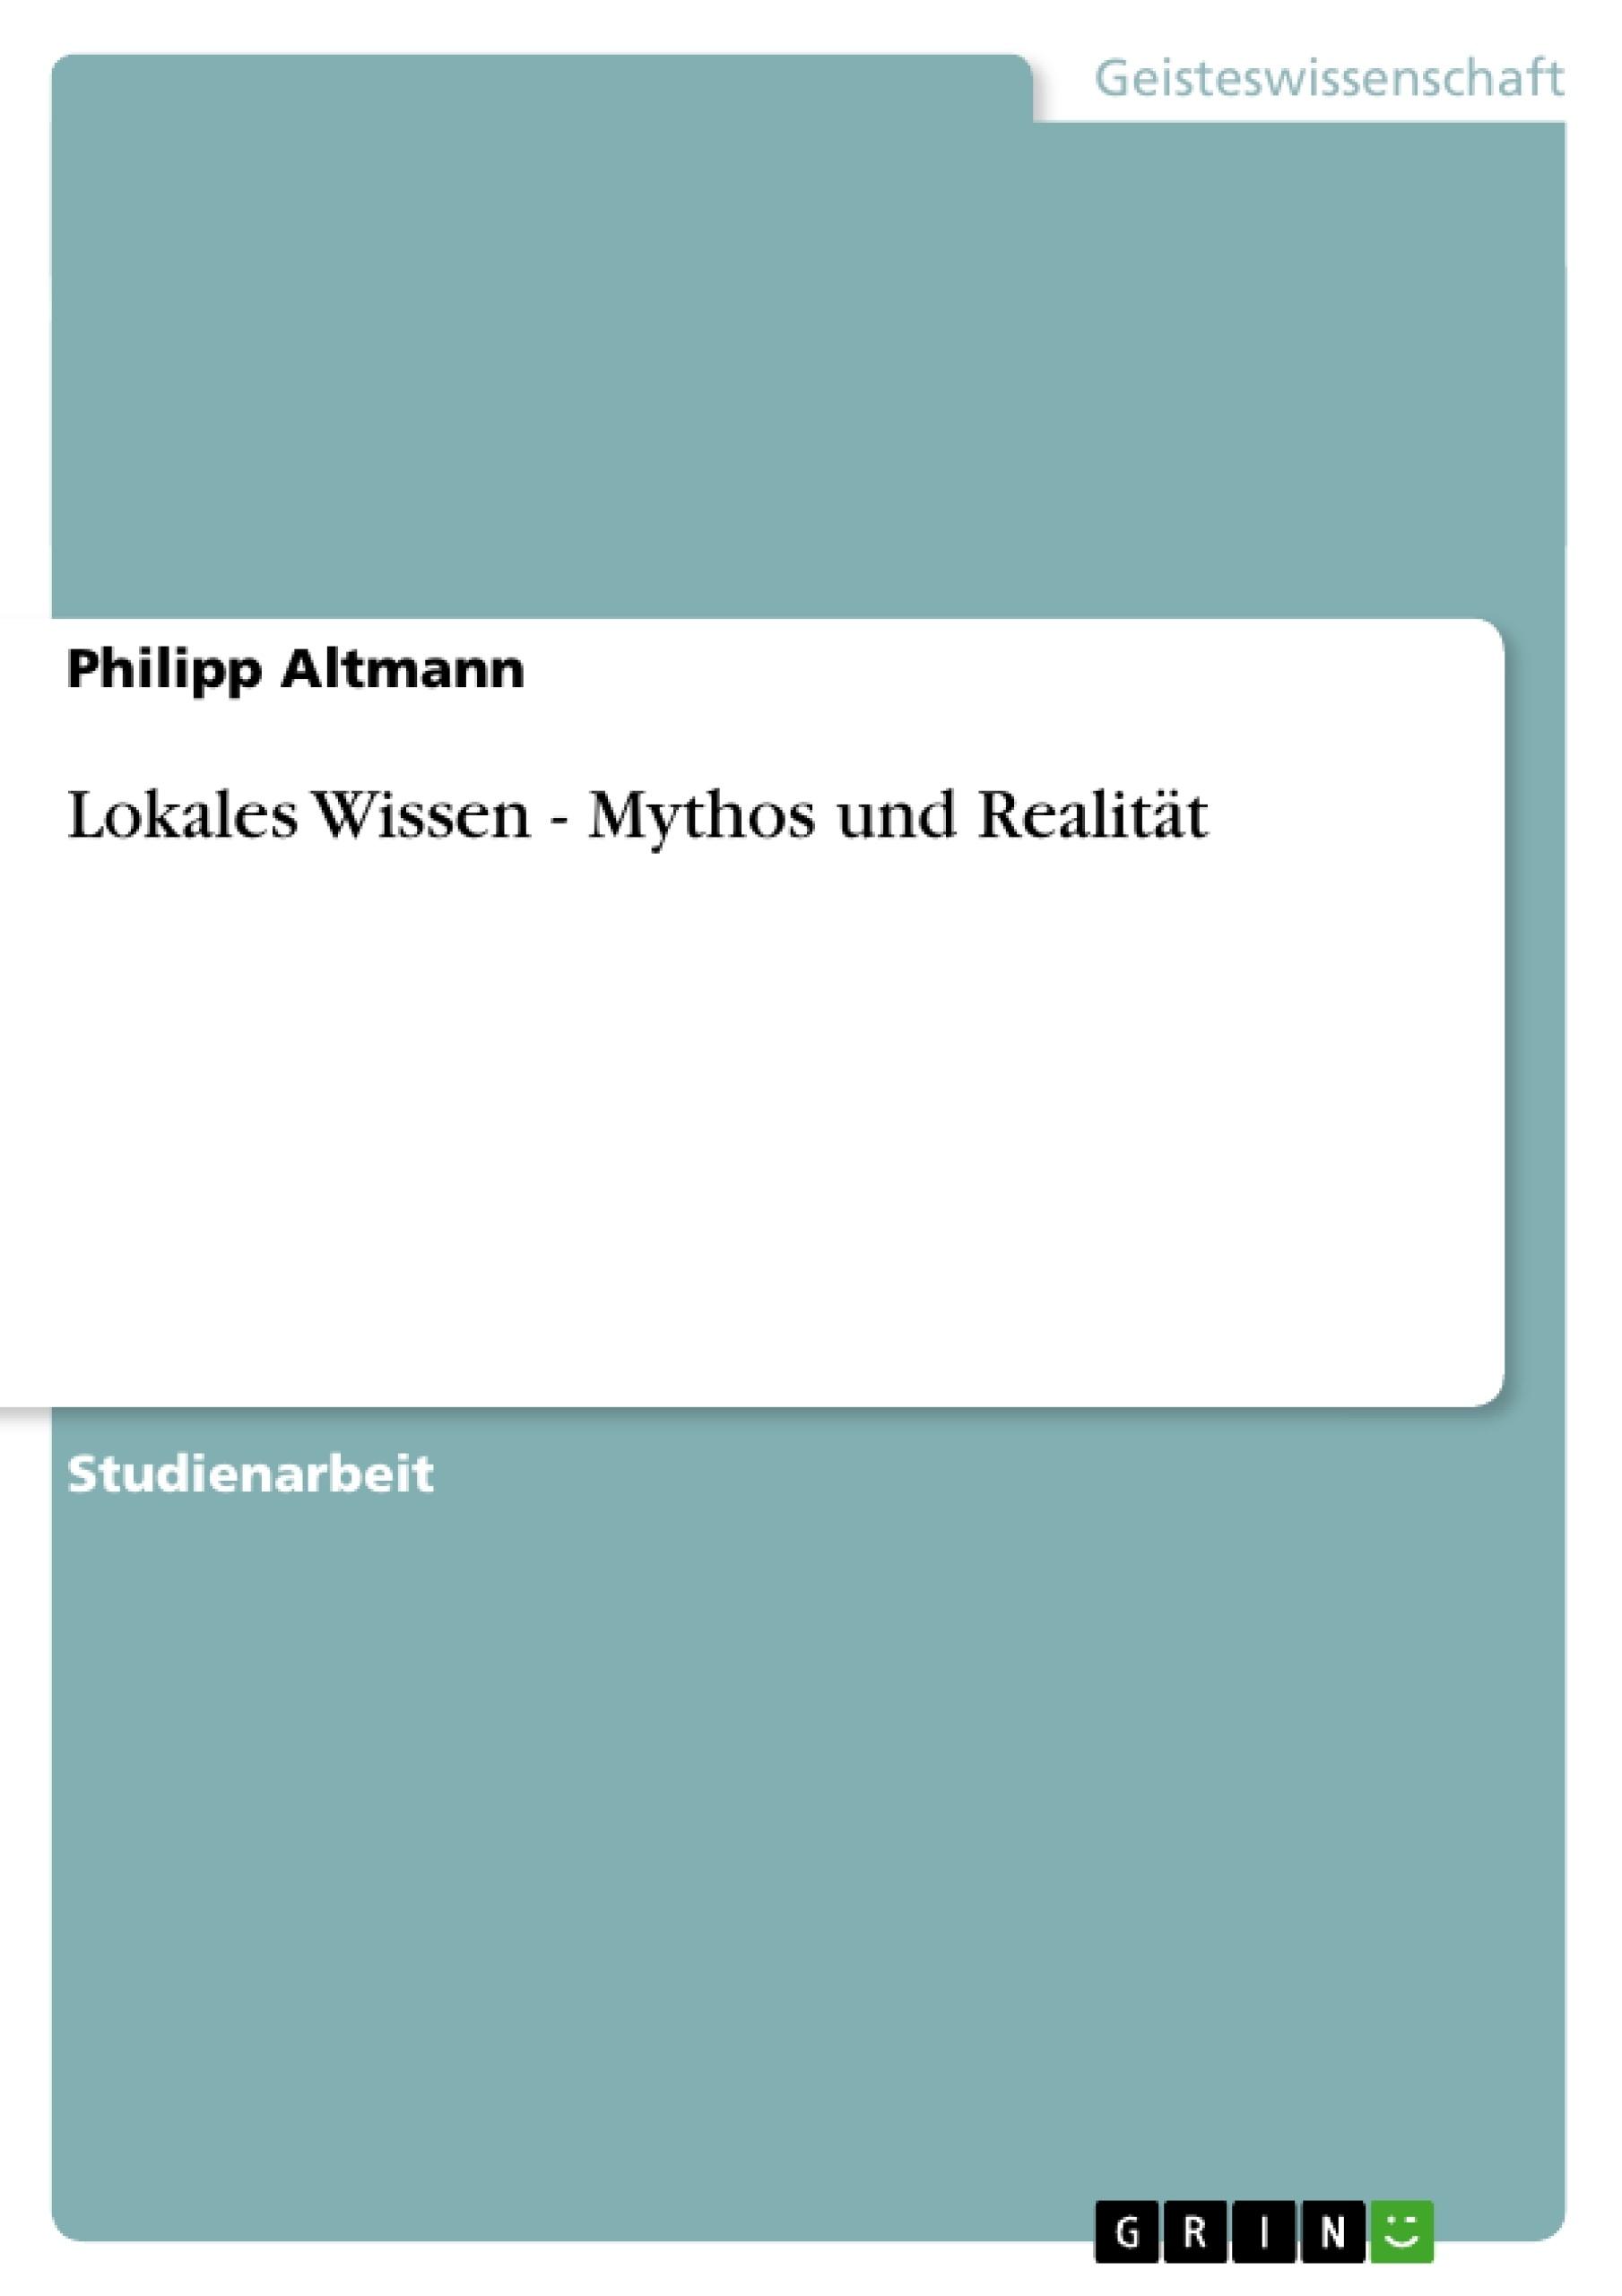 Titel: Lokales Wissen - Mythos und Realität